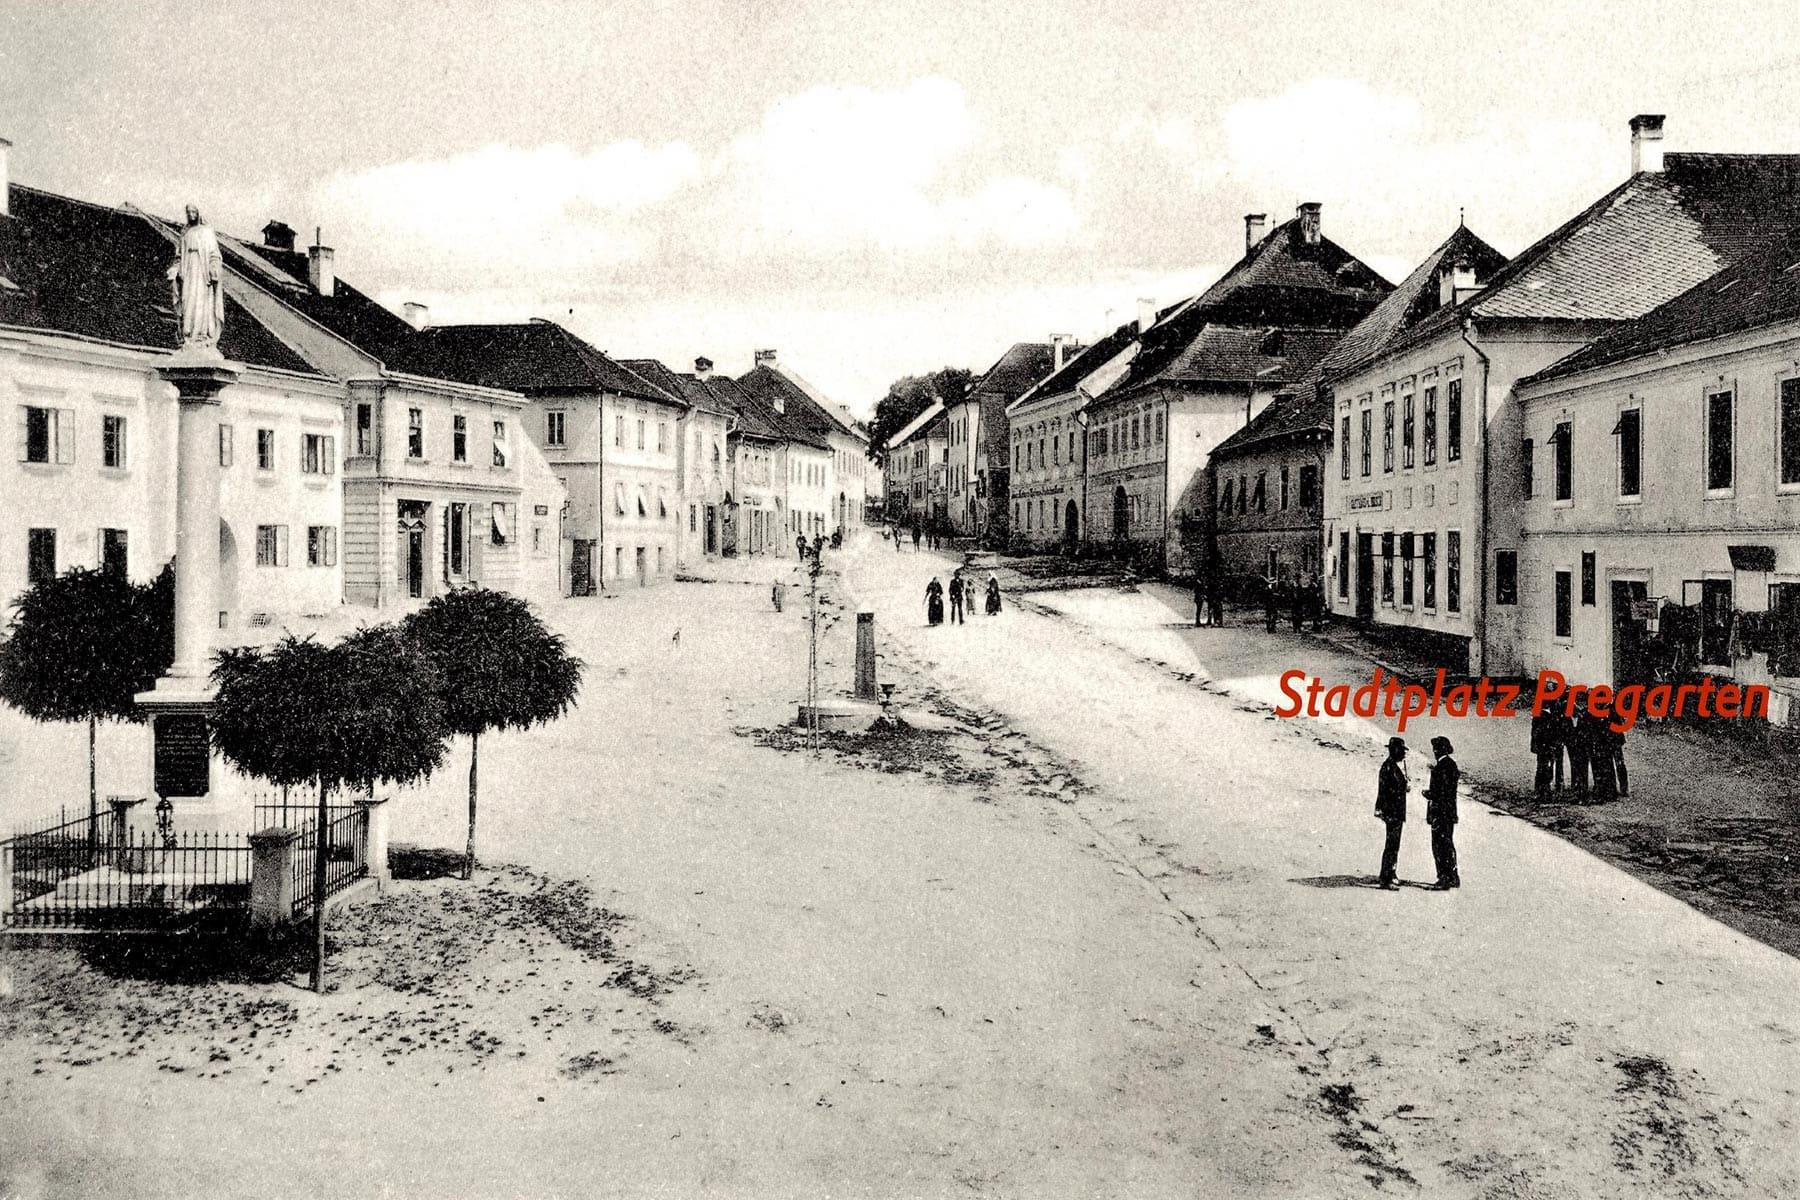 stadtplatz, ortsplatz, marktplatz, neugestaltung, architekt, entwicklungskonzept, bürgerbeteiligung, kooperatives planen, planungsprozess